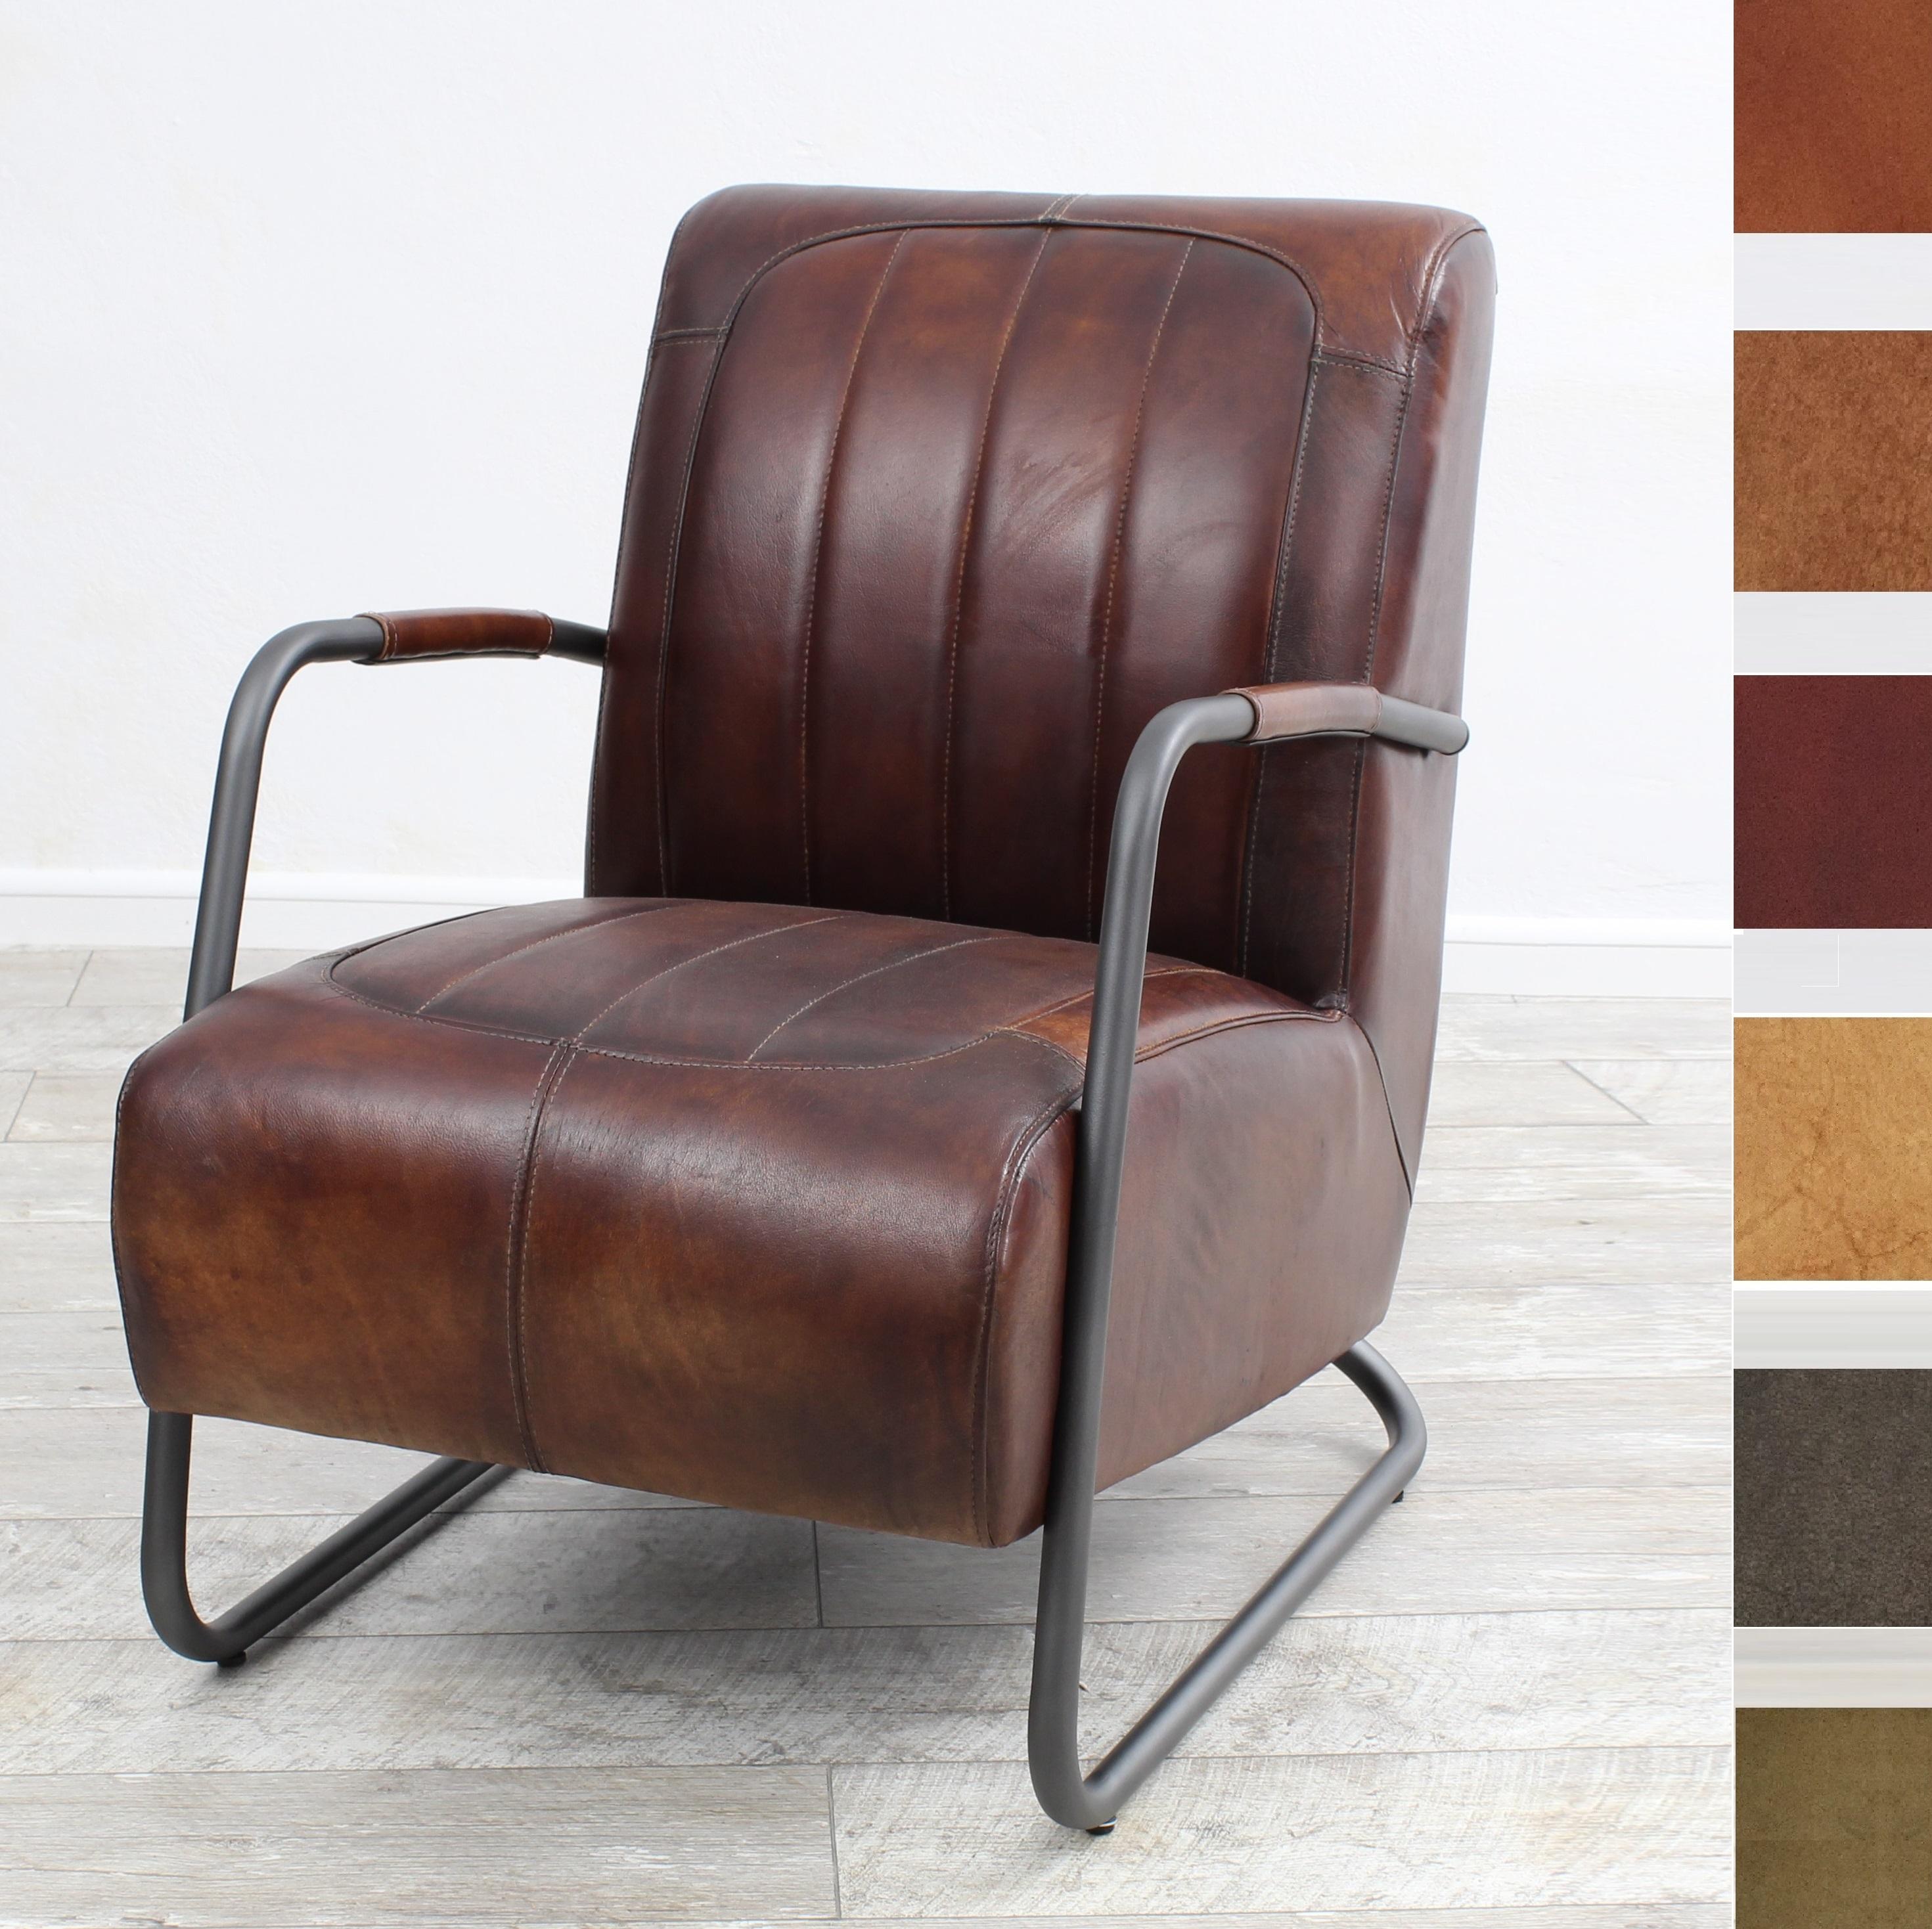 aktiv sessel stuhl designer m nchen nr 2 echt b ffel leder vintage farbe tobacco. Black Bedroom Furniture Sets. Home Design Ideas